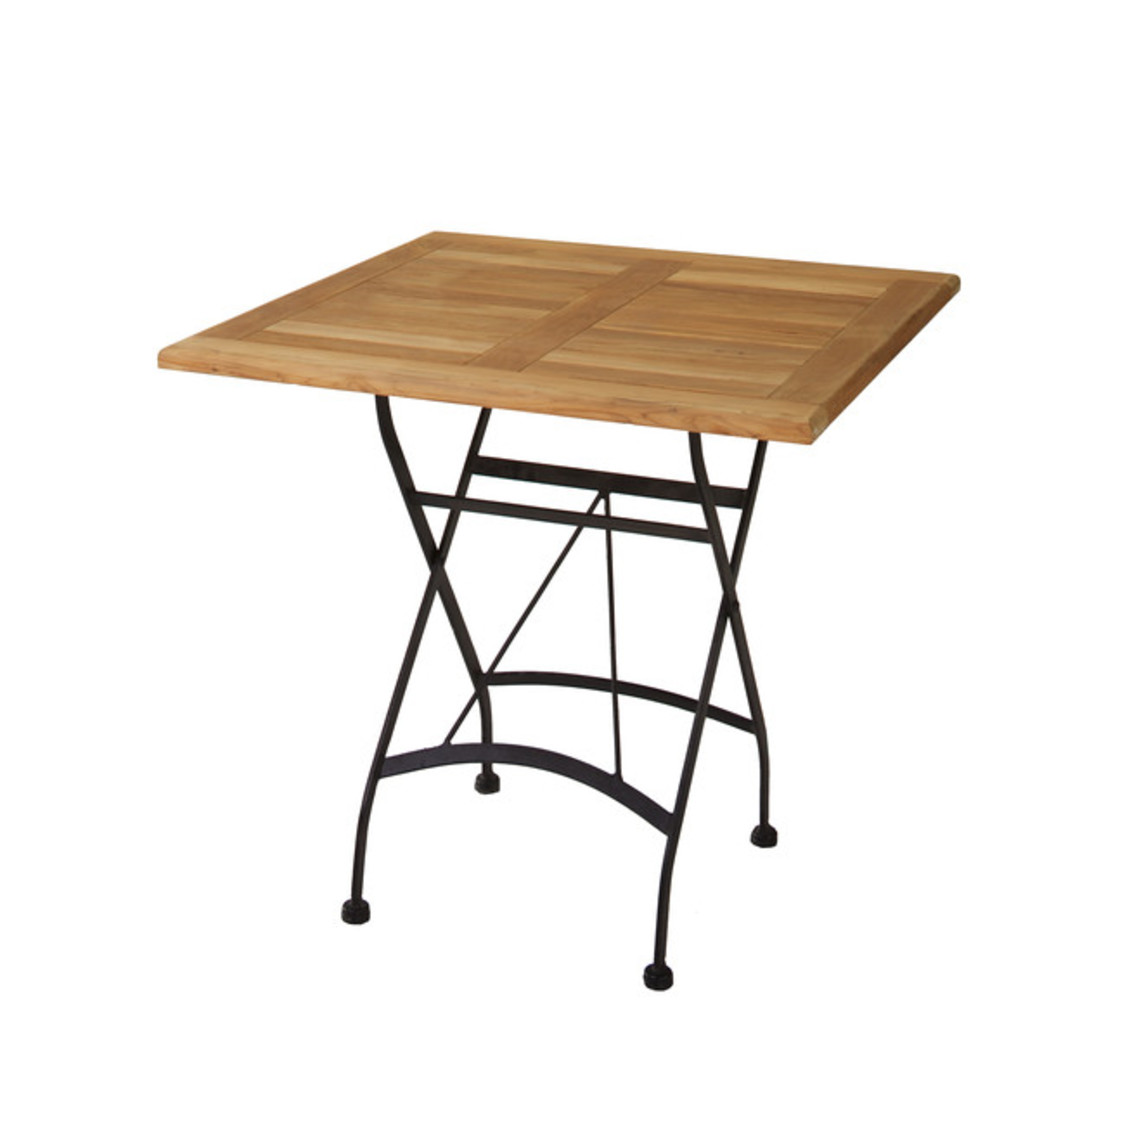 Full Size of Gartentisch Klappbar Ikea Lidl Holzoptik Rund Wetterfest Holz Metall Klein Klappbare Gartentische Obi Alu Bett Ausklappbar Ausklappbares Wohnzimmer Gartentisch Klappbar